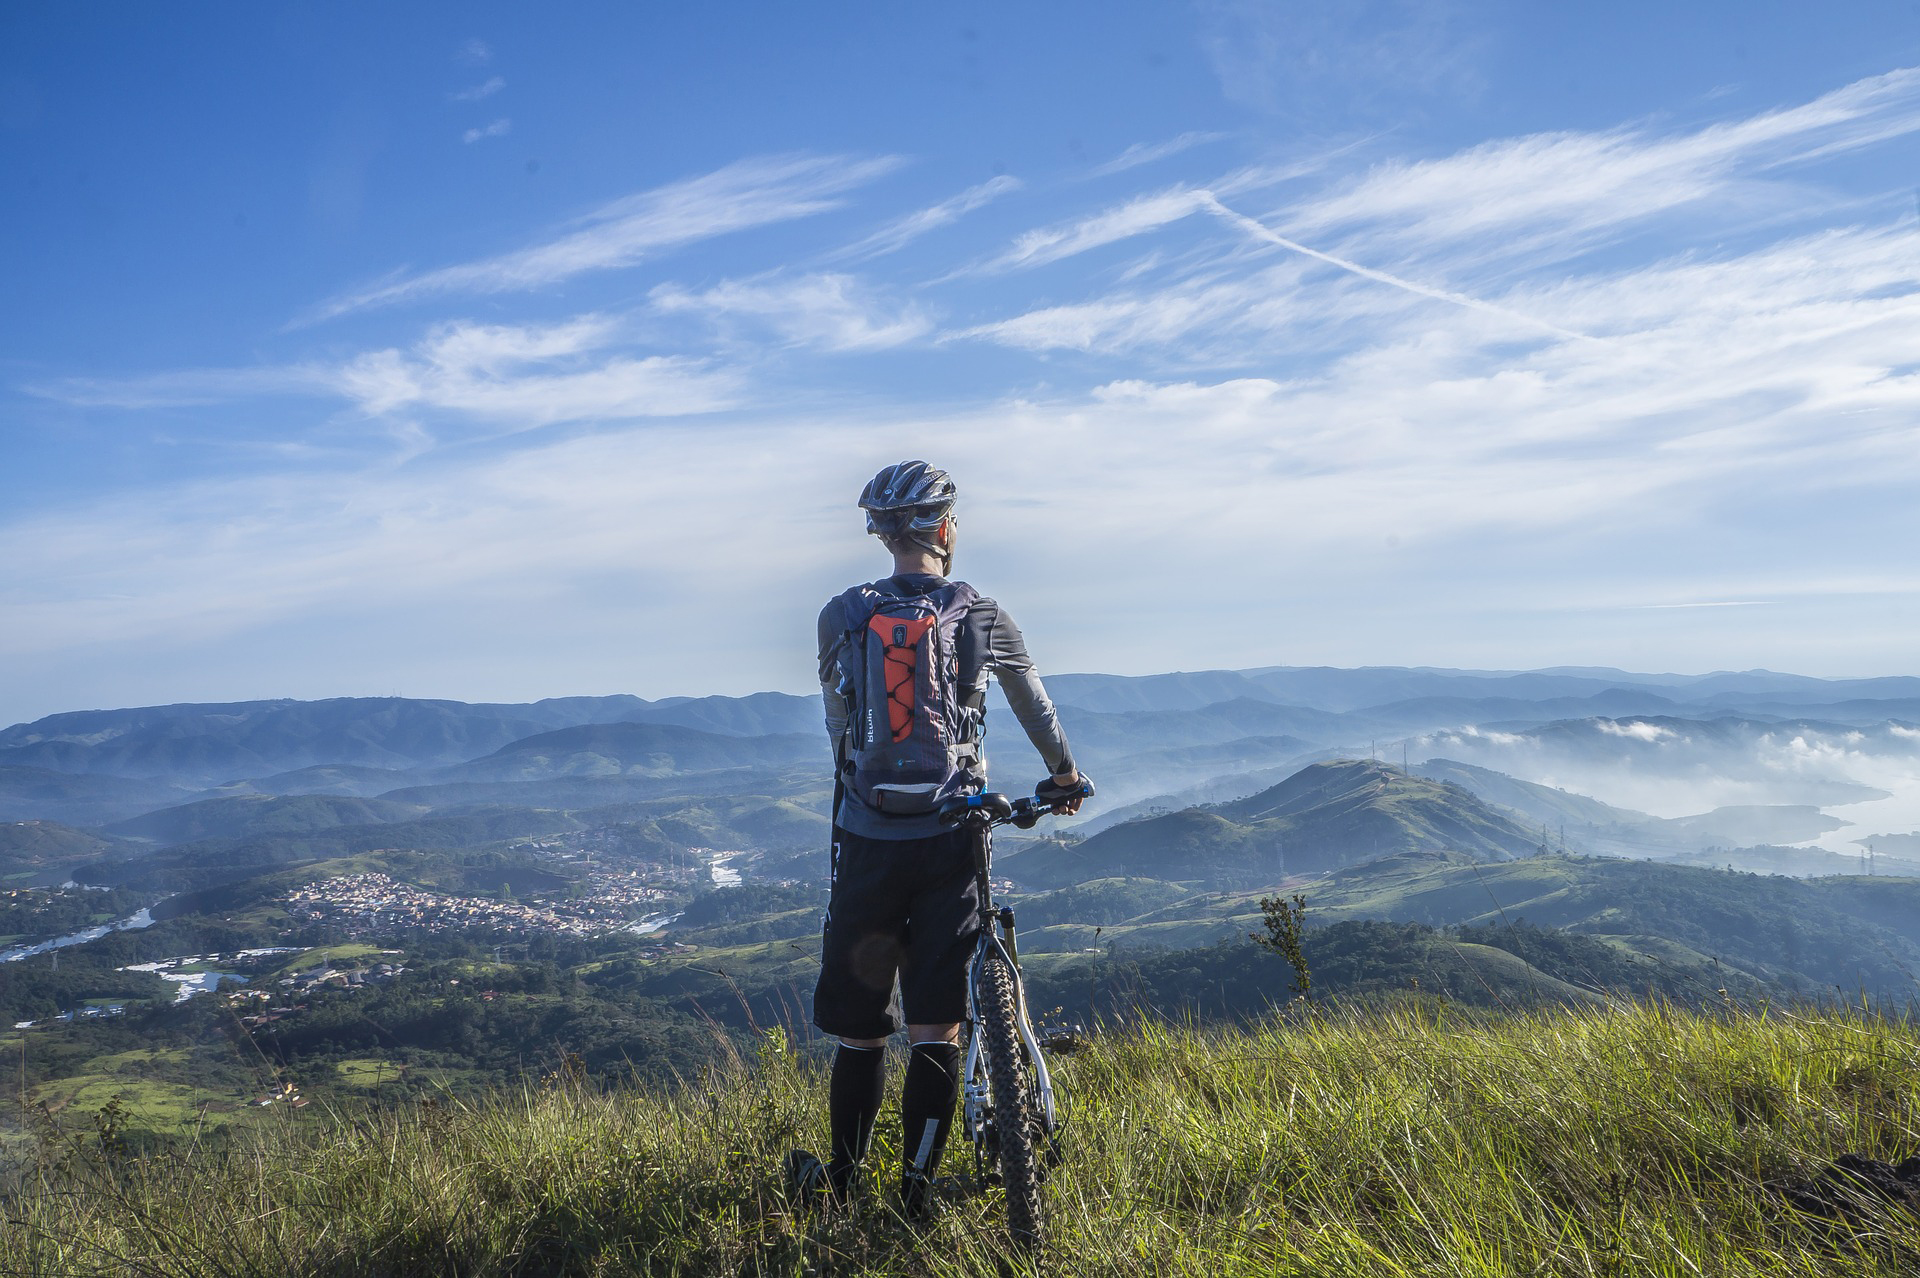 Image of biker